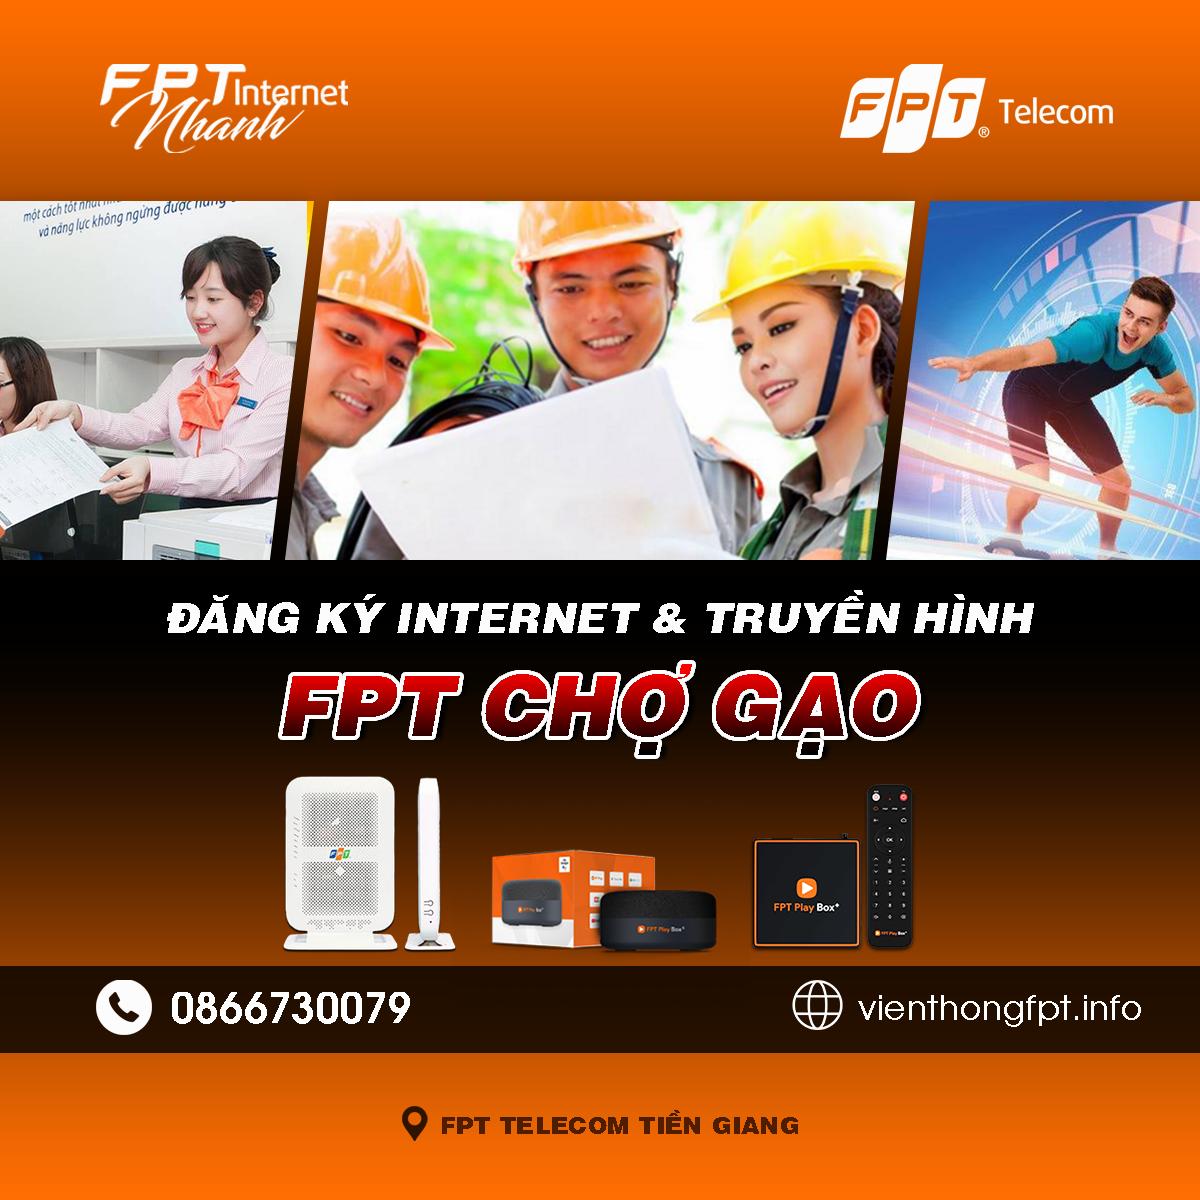 Tổng đài FPT Chợ Gạo - Đơn vị lắp mạng Internet và Truyền hình FPT